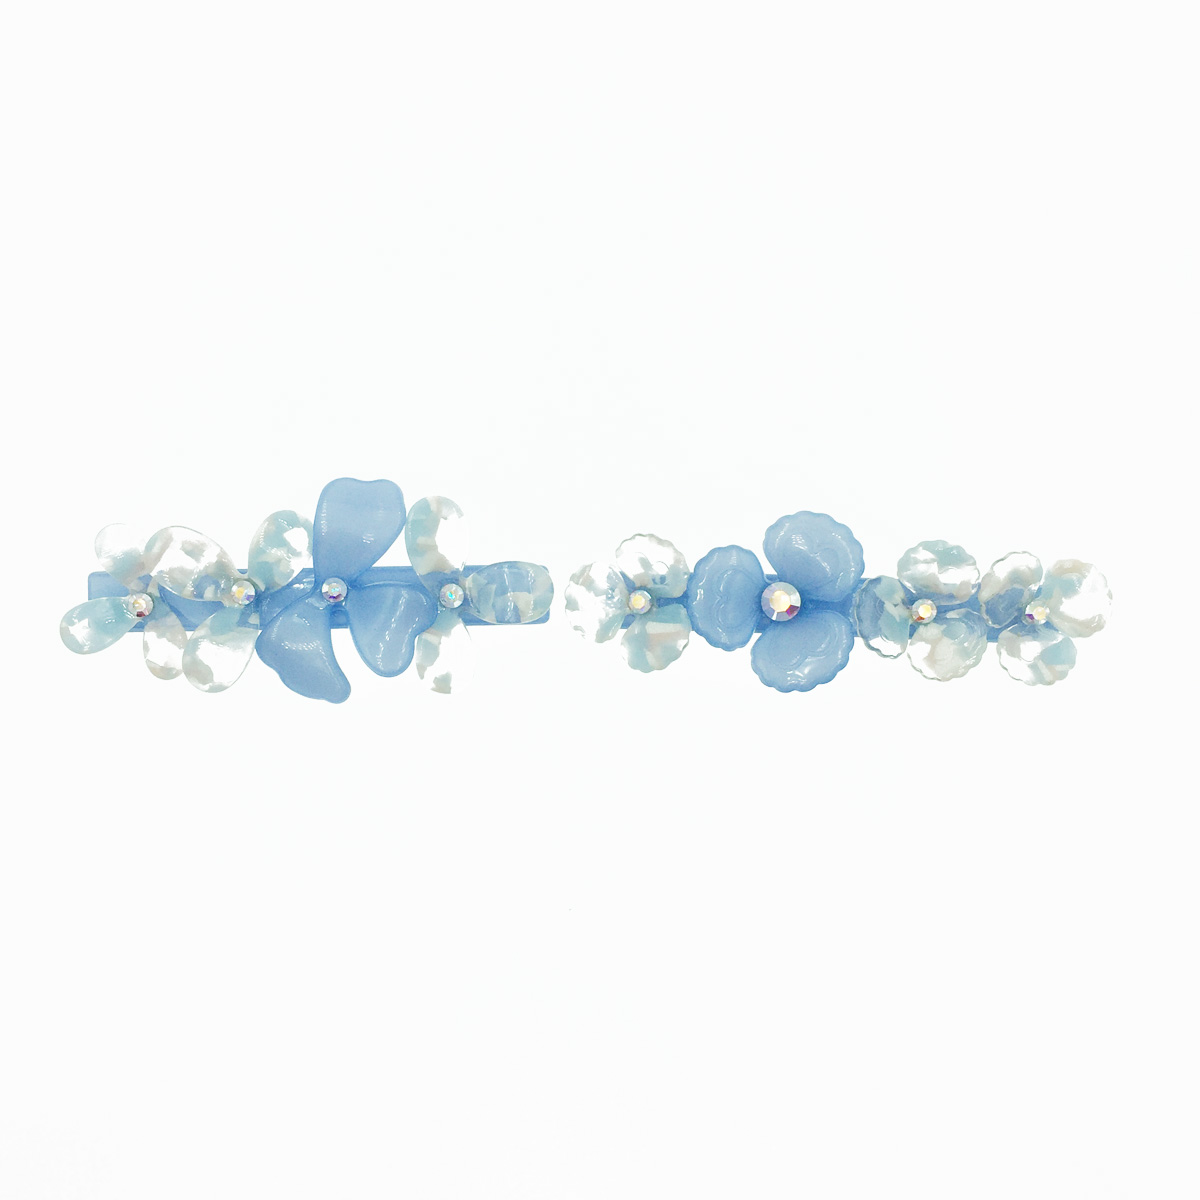 花 透明 藍色 水鑽 2款 髮夾 自動夾 採用施華洛世奇水晶元素 Crystals from Swarovski